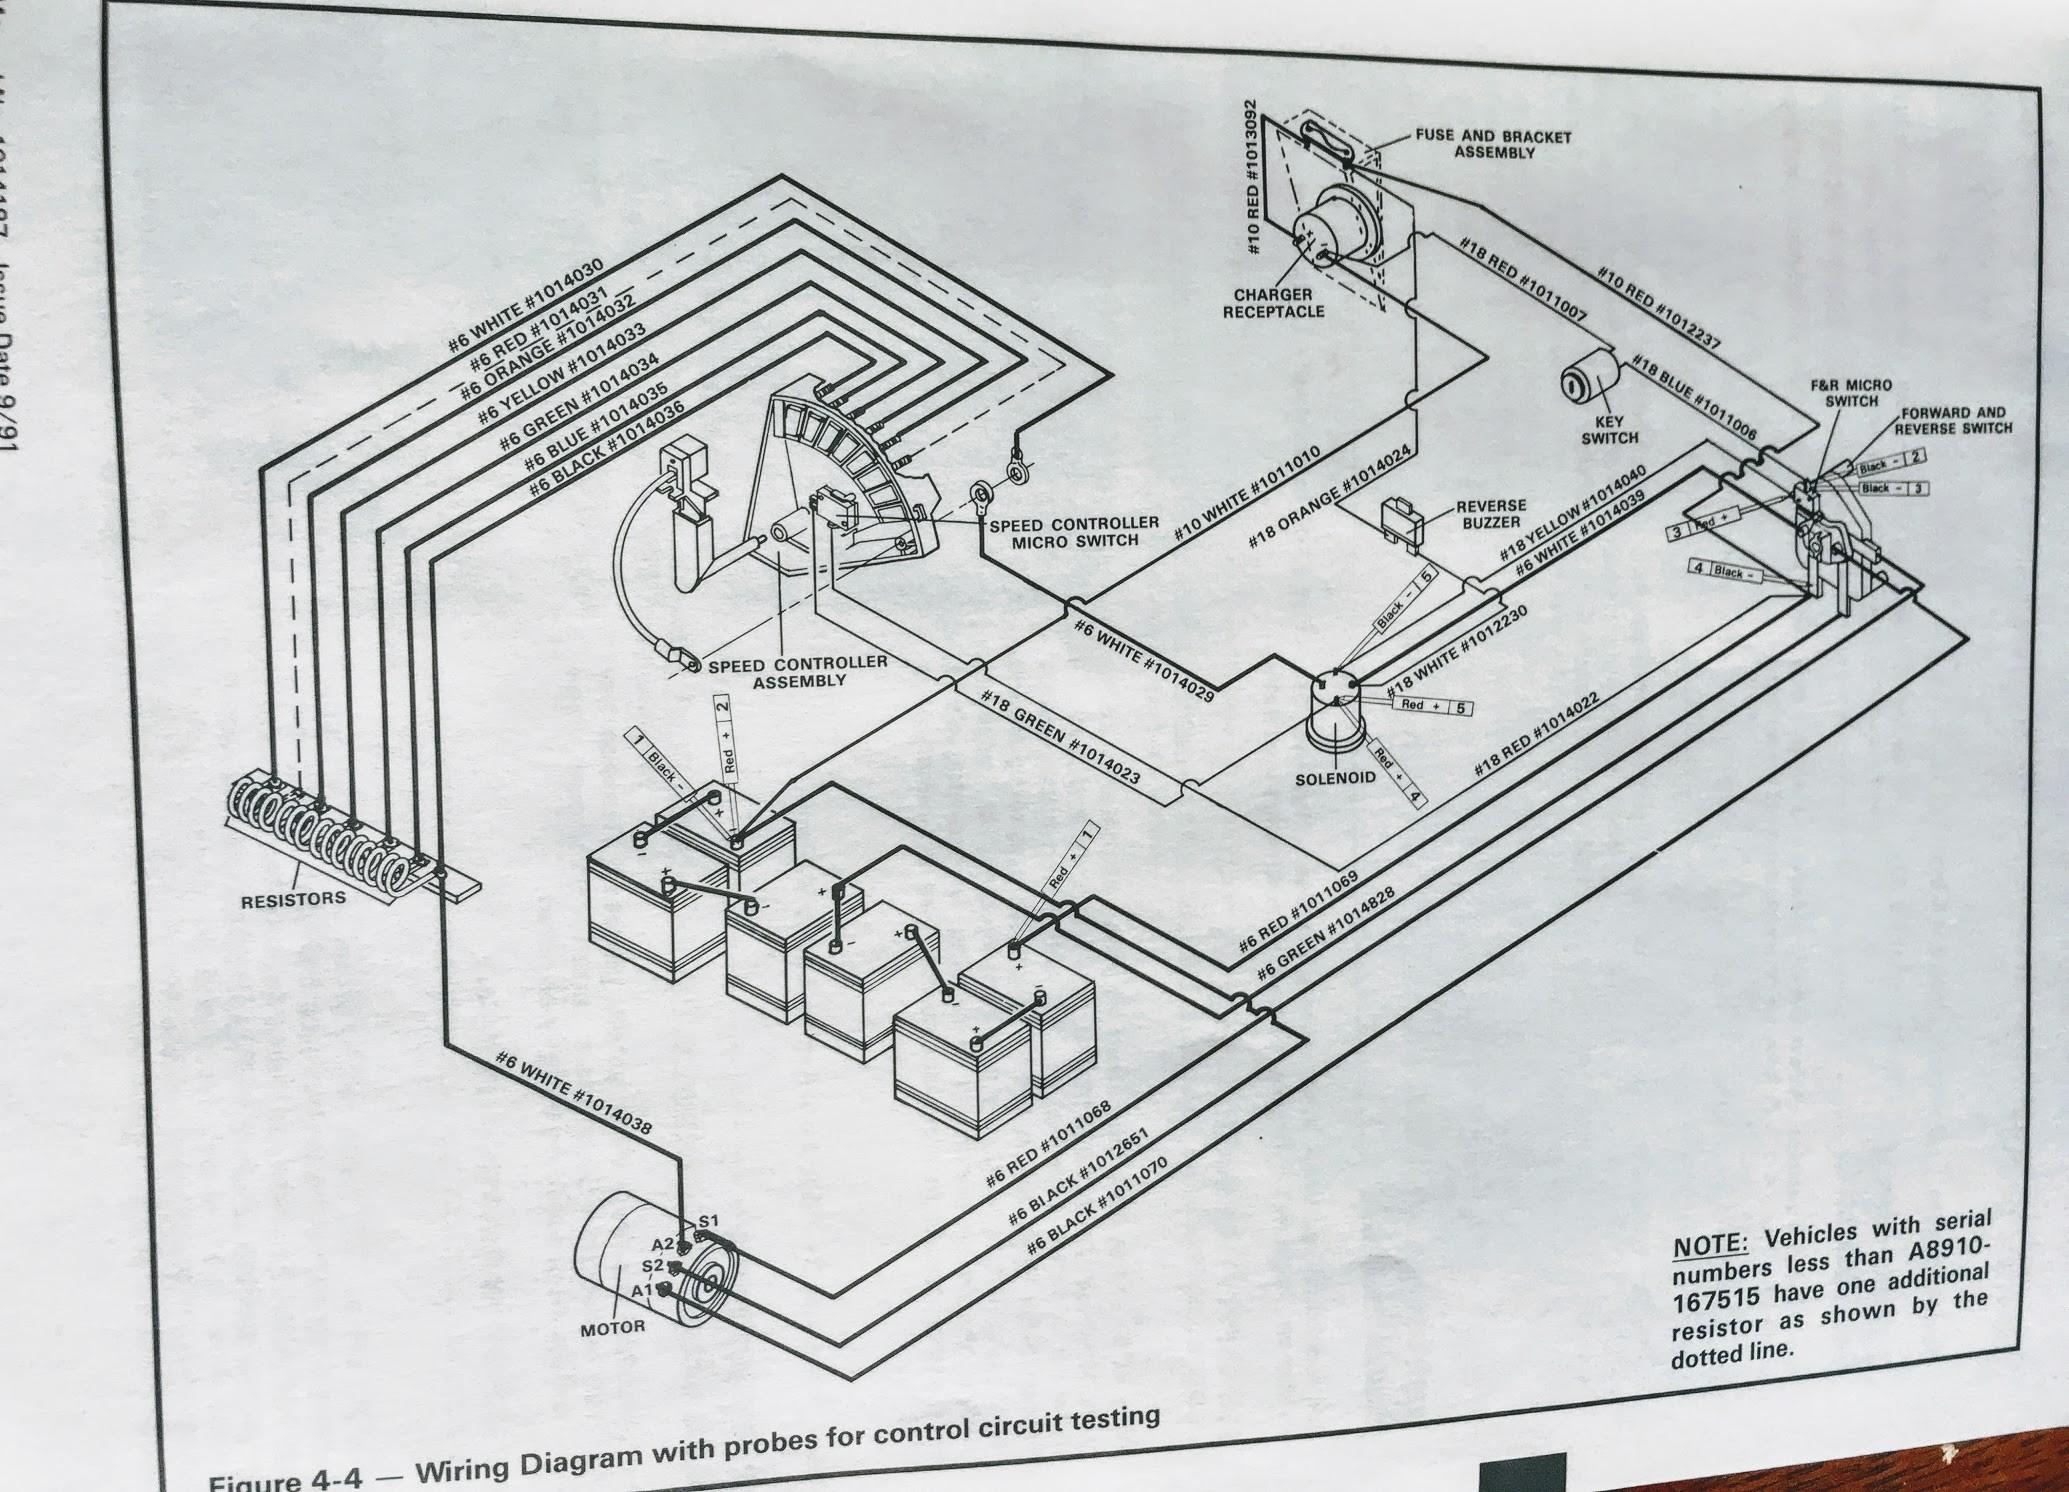 1992 Club Car Diagram 33 Club Car Precedent Wiring Diagram Wiring Diagram List Of 1992 Club Car Diagram